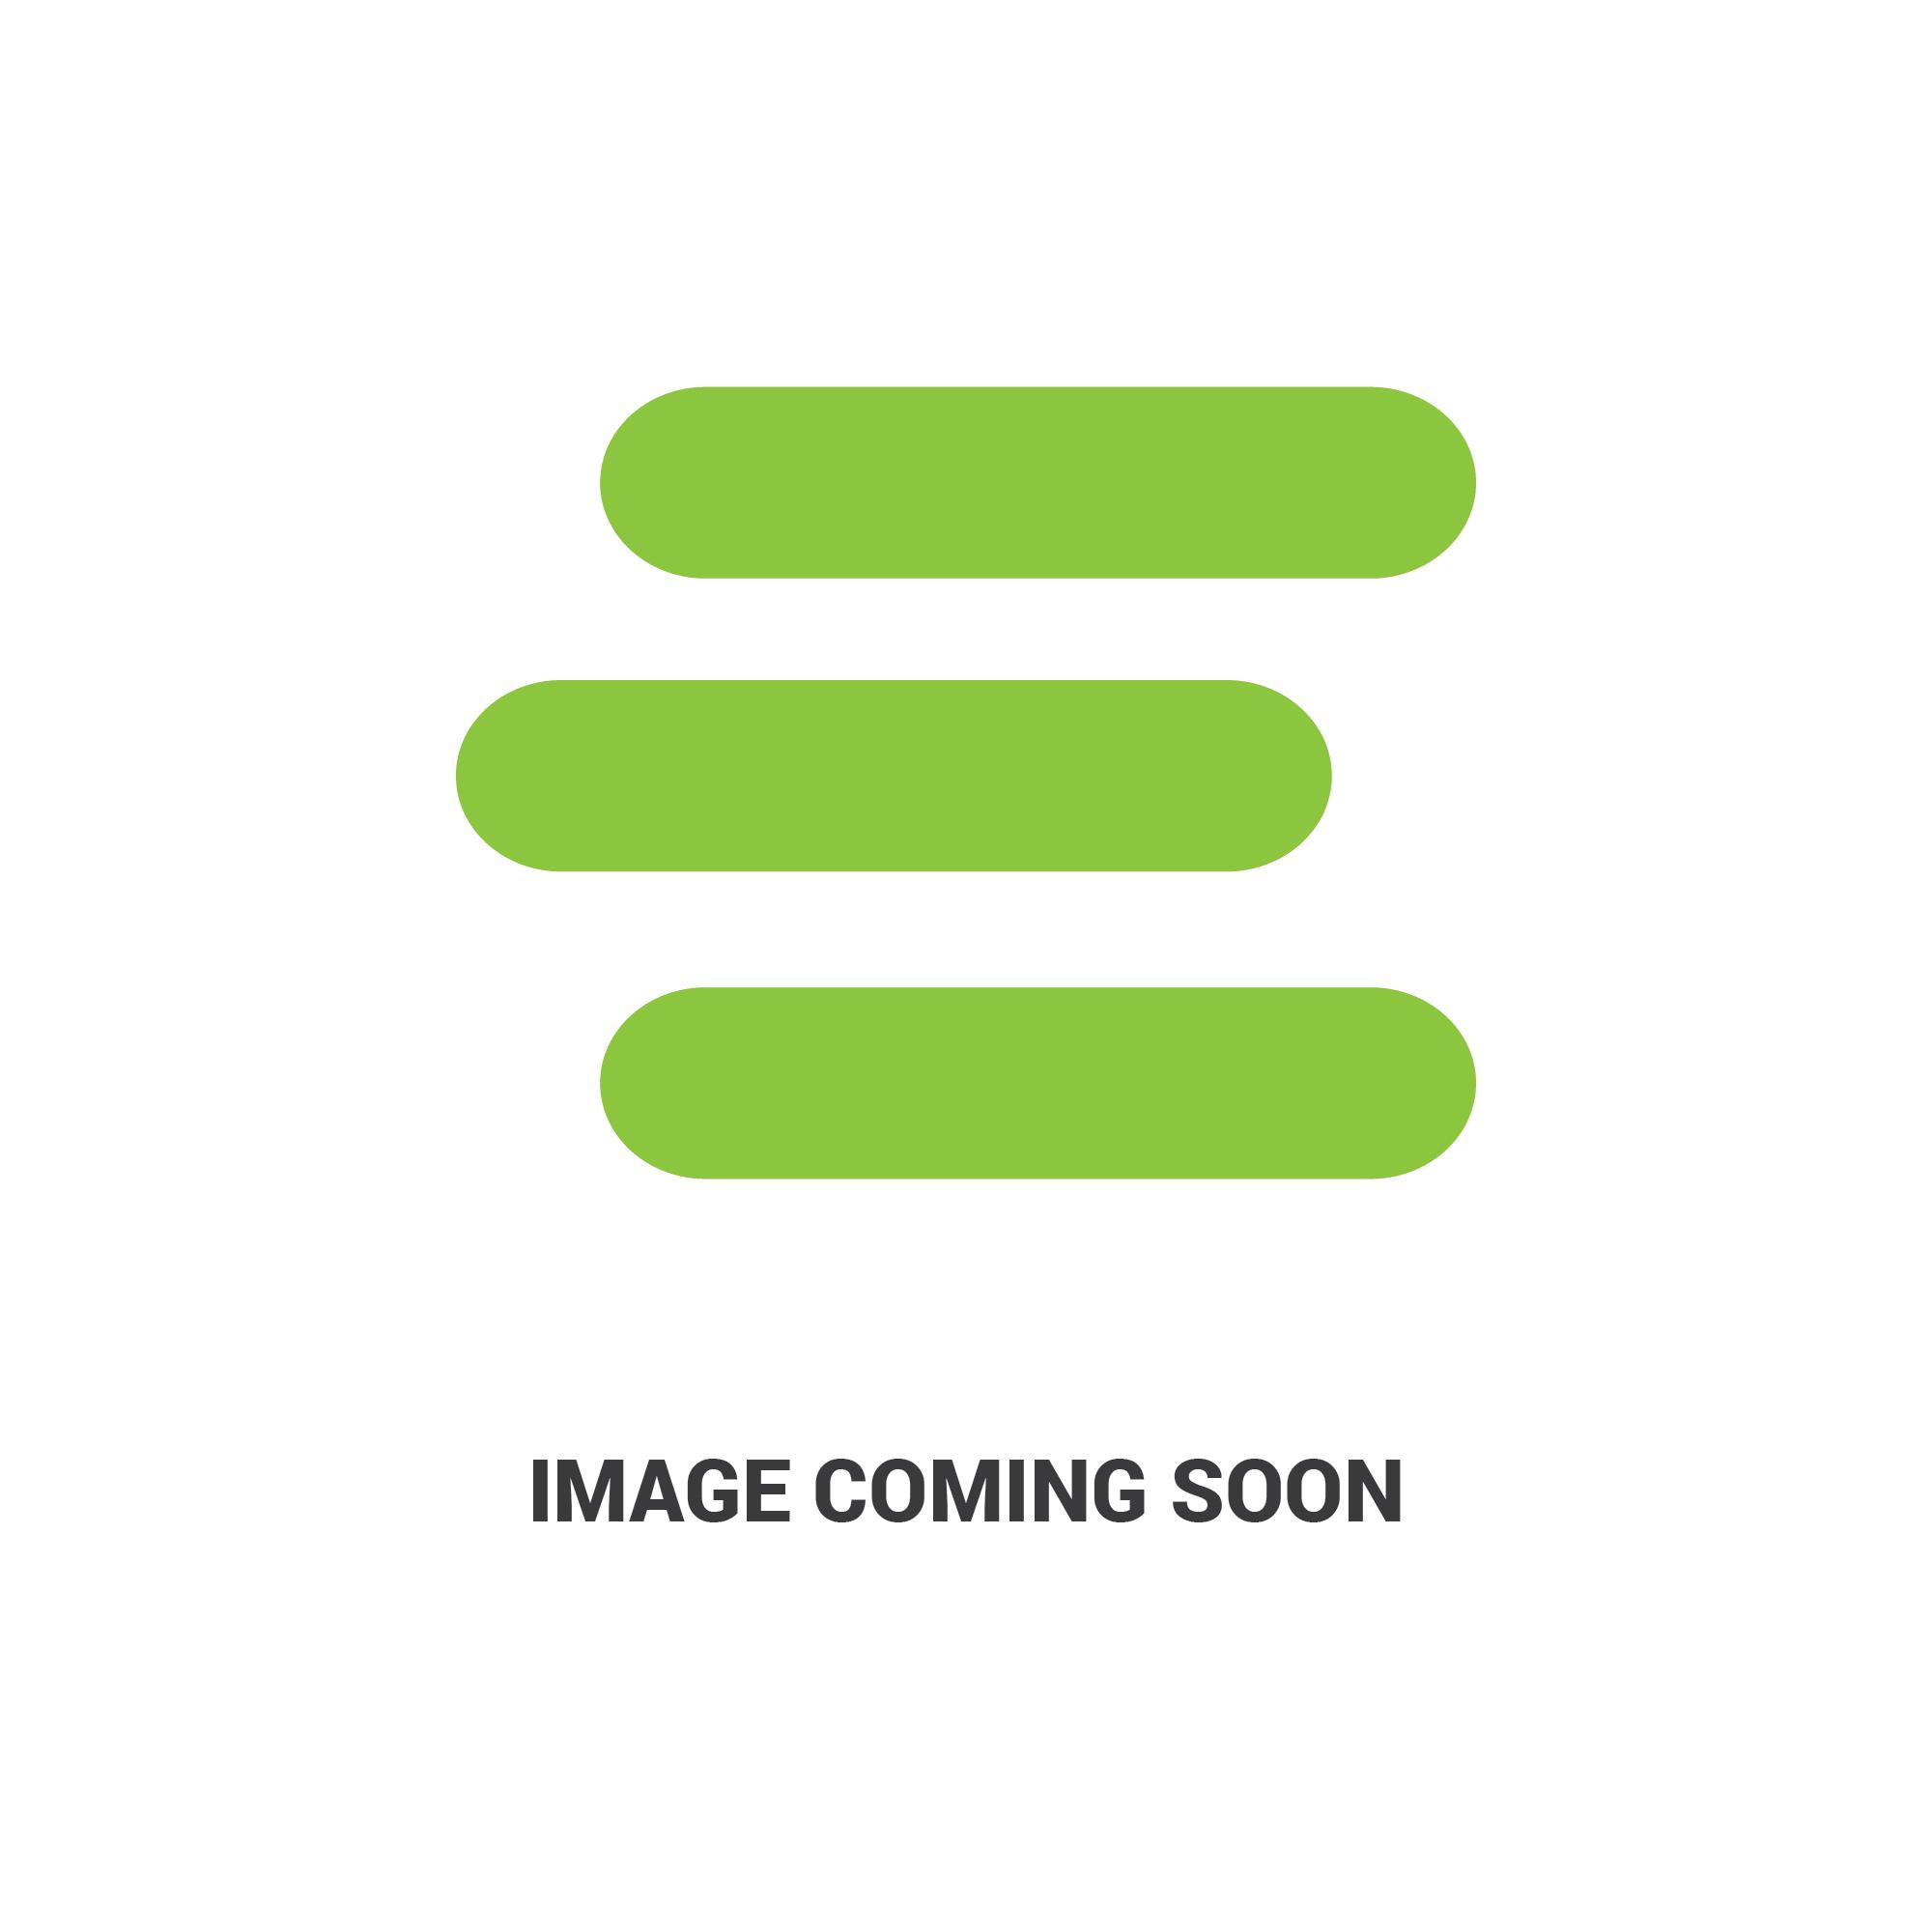 E-6C040-55443edit 3.jpg